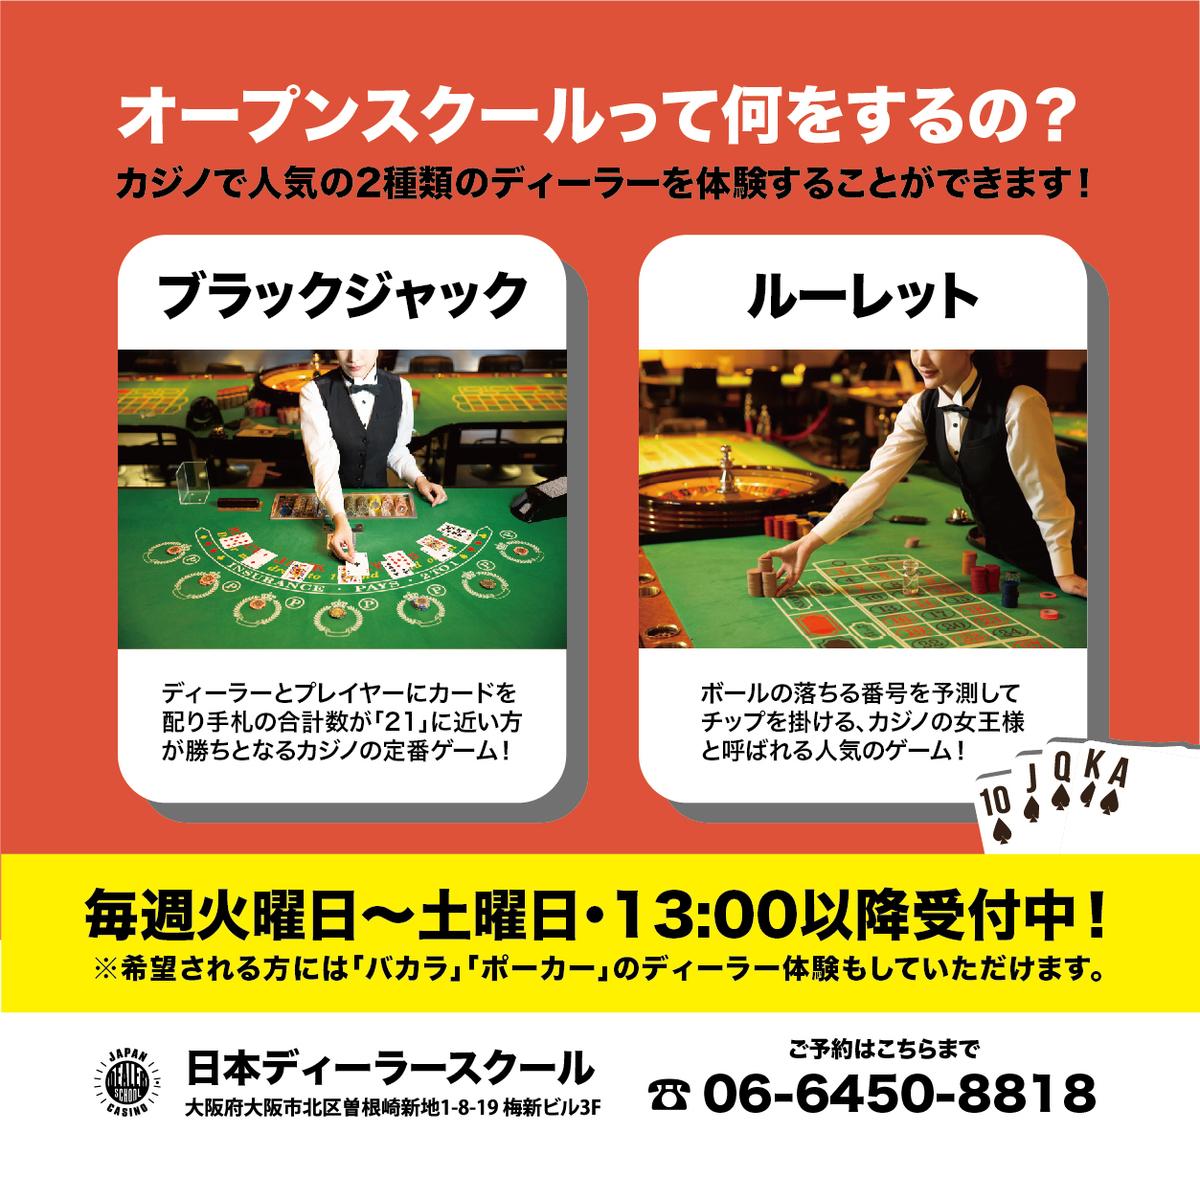 f:id:japandealerschool:20191213134419j:plain